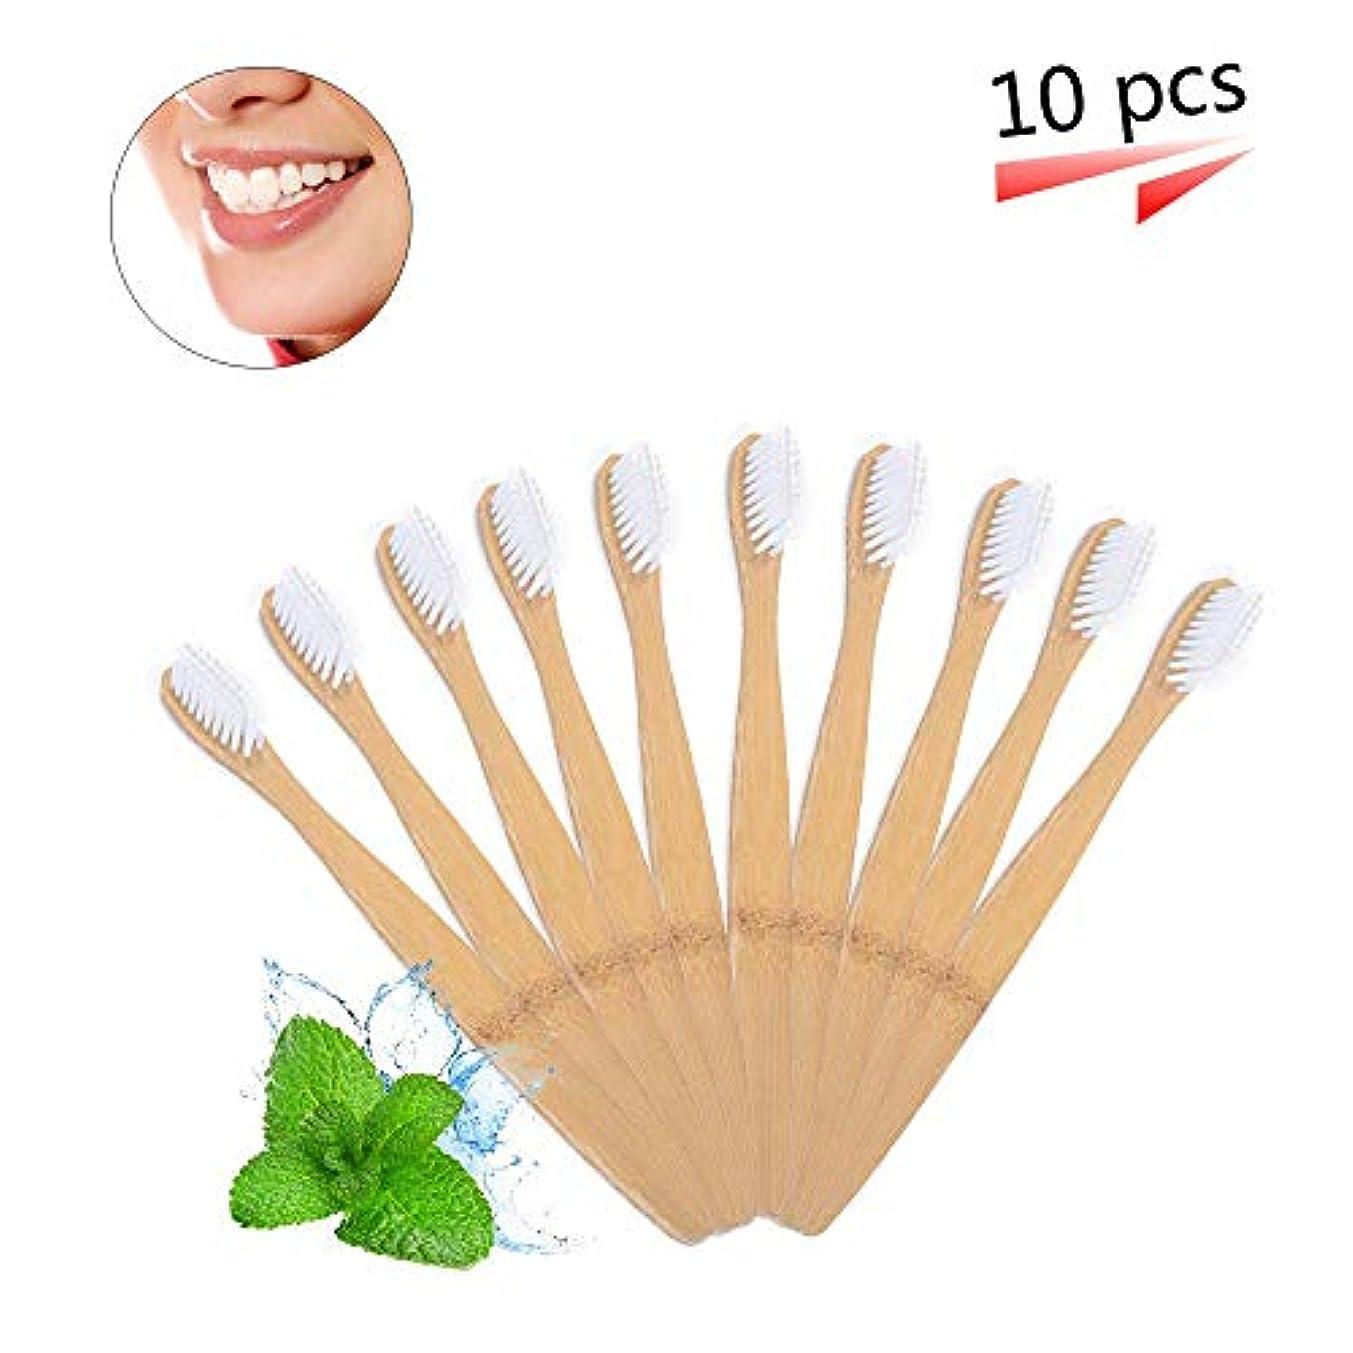 マットレス構成する回復竹の歯ブラシ 分解性 環境保護の歯ブラシ 天然の柔らかいブラシ ホワイト 10本